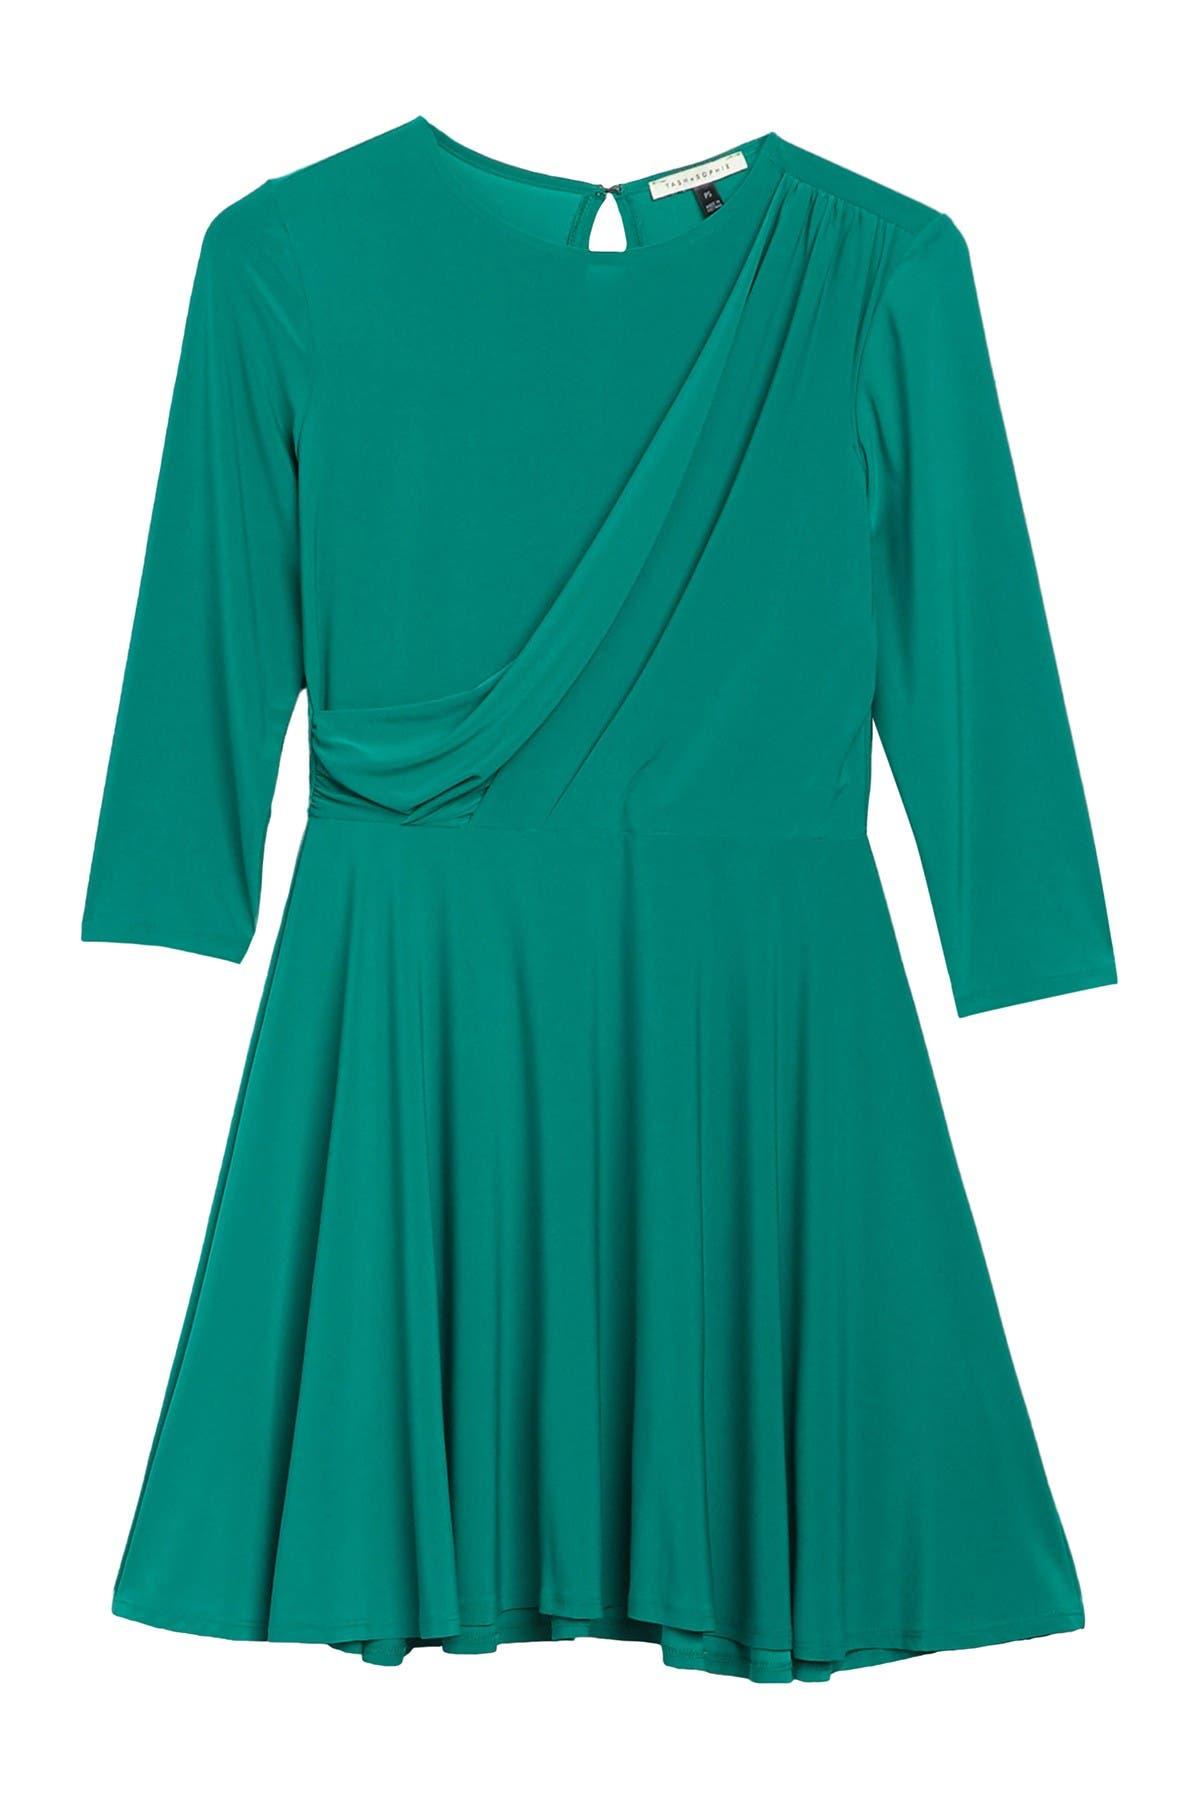 Image of TASH + SOPHIE Draped Neckline Fit & Flare Dress